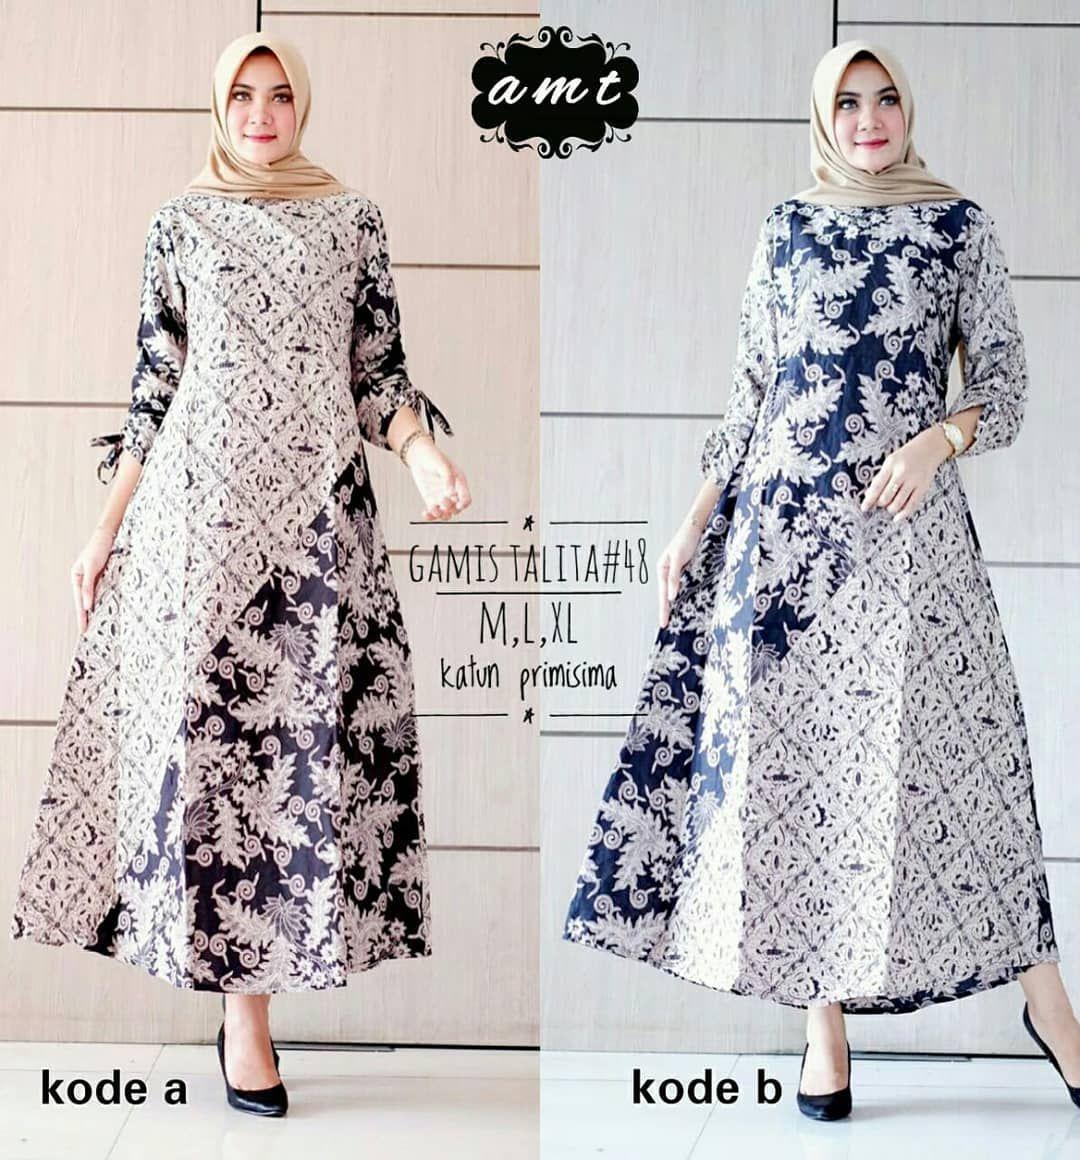 Gamis batik modern  Pakaian wanita, Model pakaian, Model pakaian